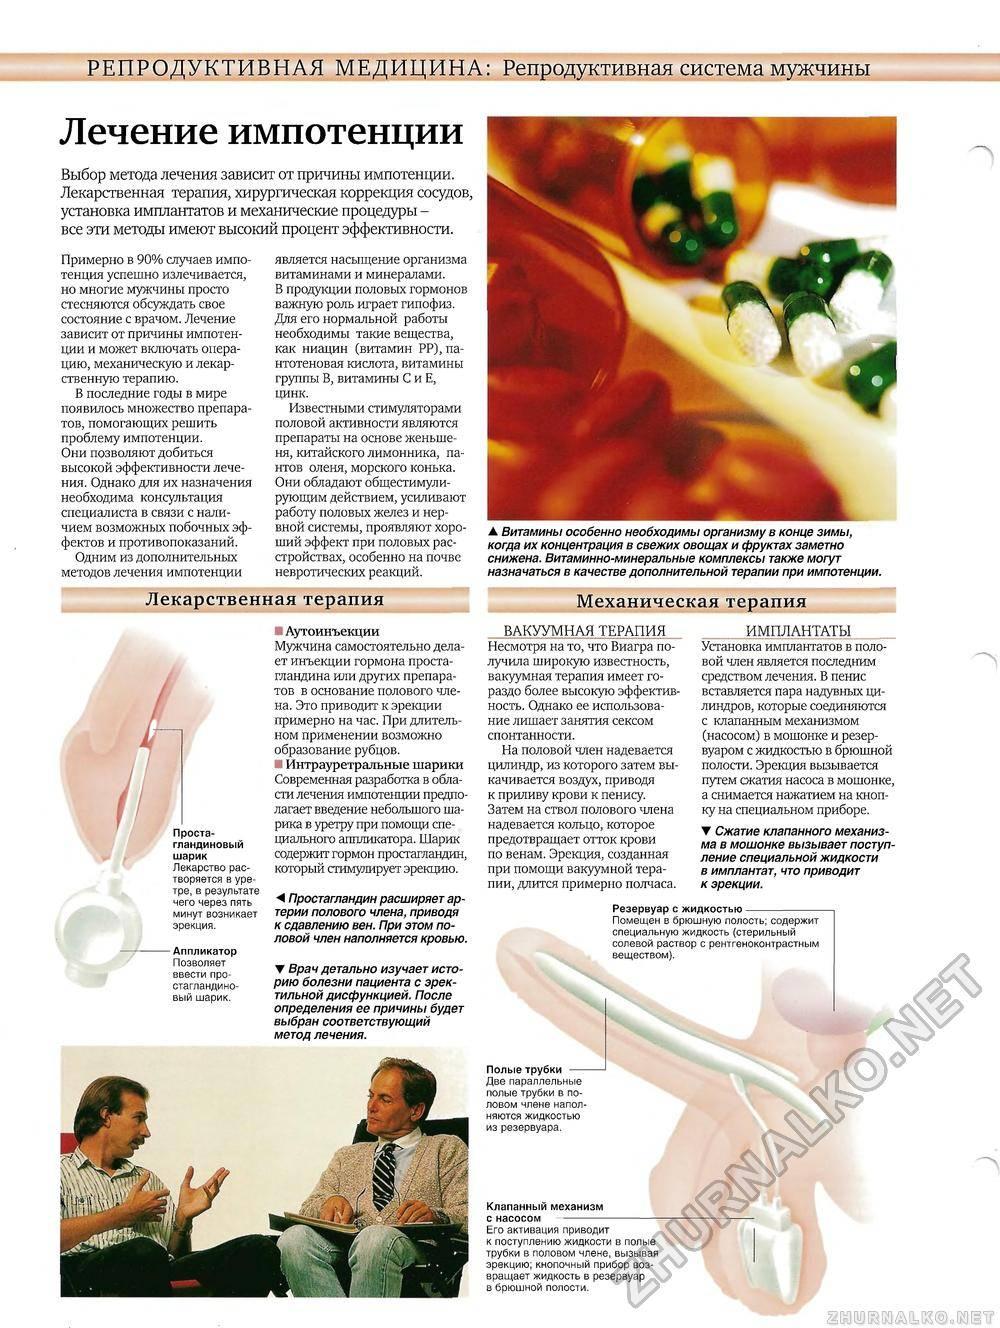 Импотенция: признаки и лечение в домашних условиях народными средствами, причины возникновения